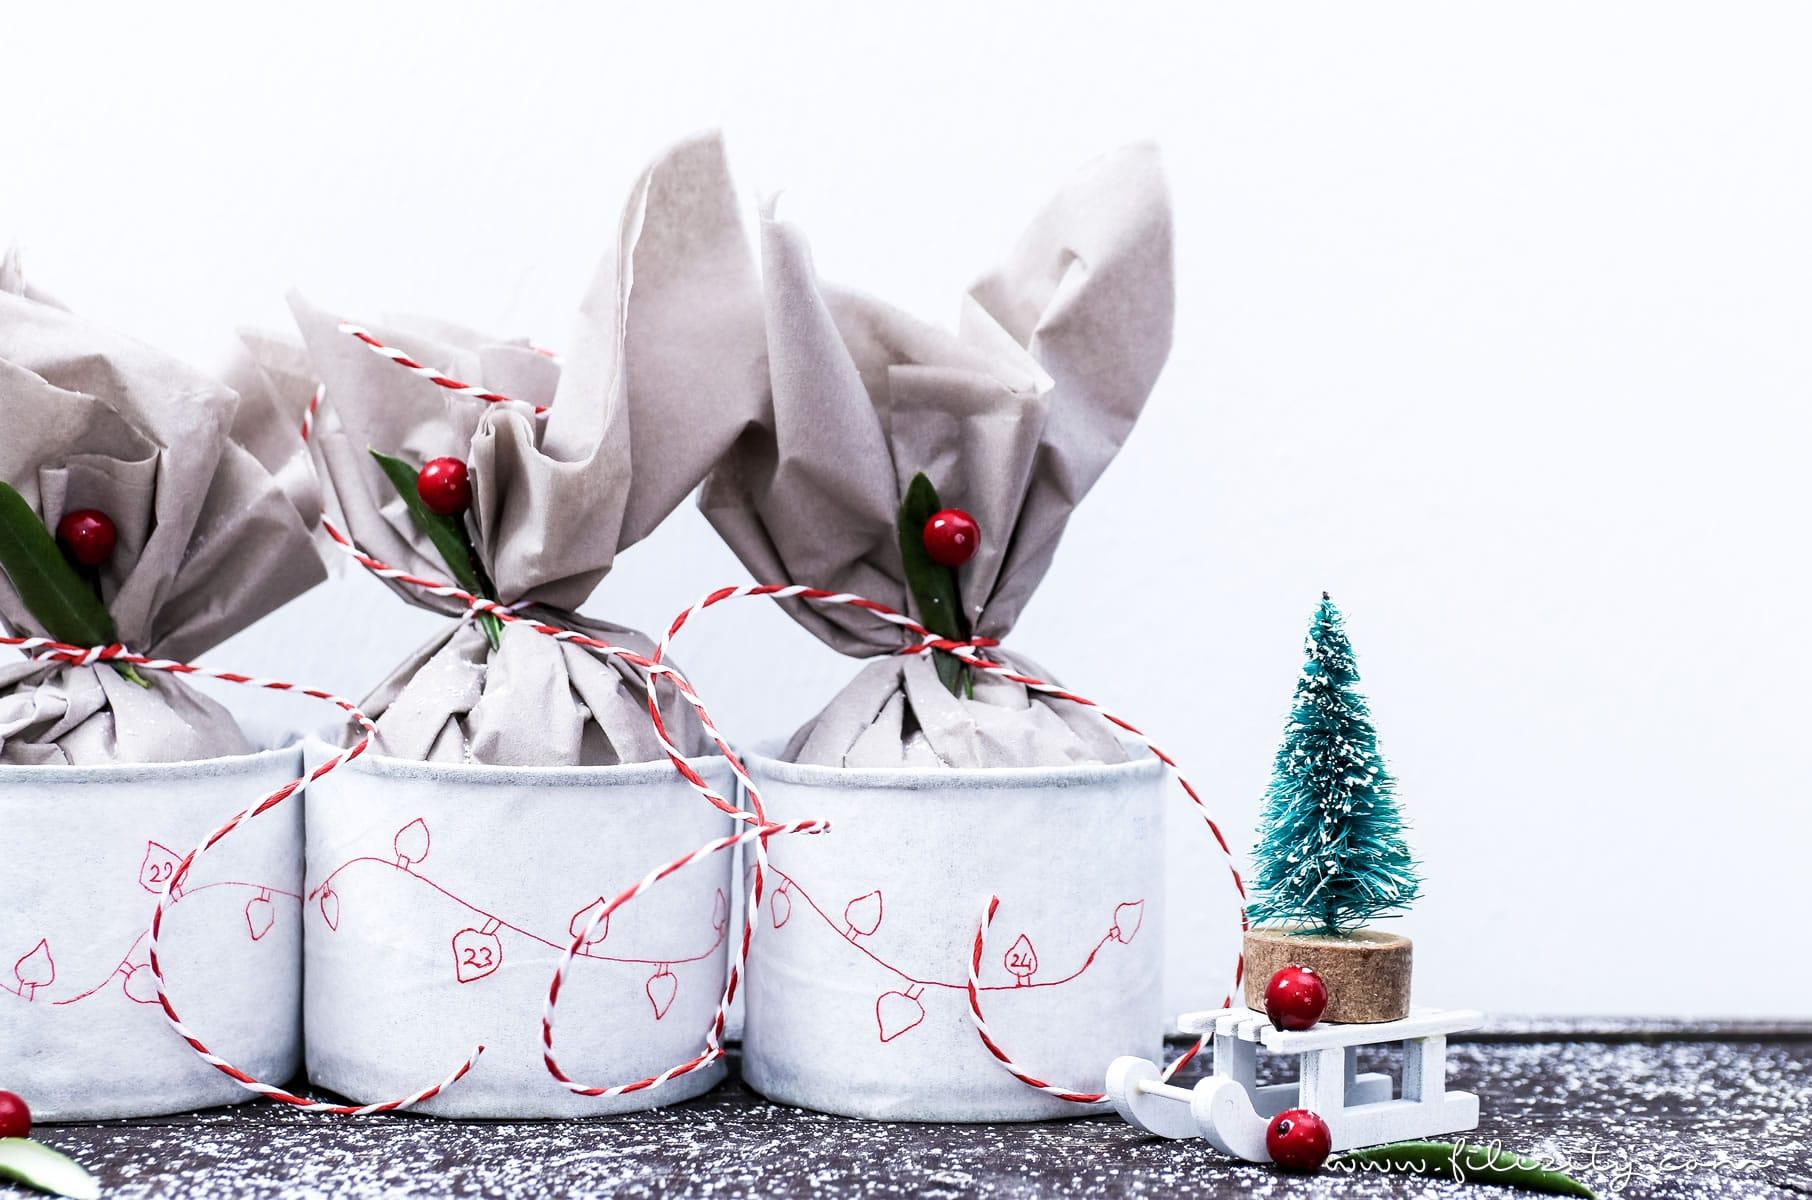 adventskalender-selber-machen-dosen-servietten-weihnachten-diy-filizity-das-leben-ist-schoen